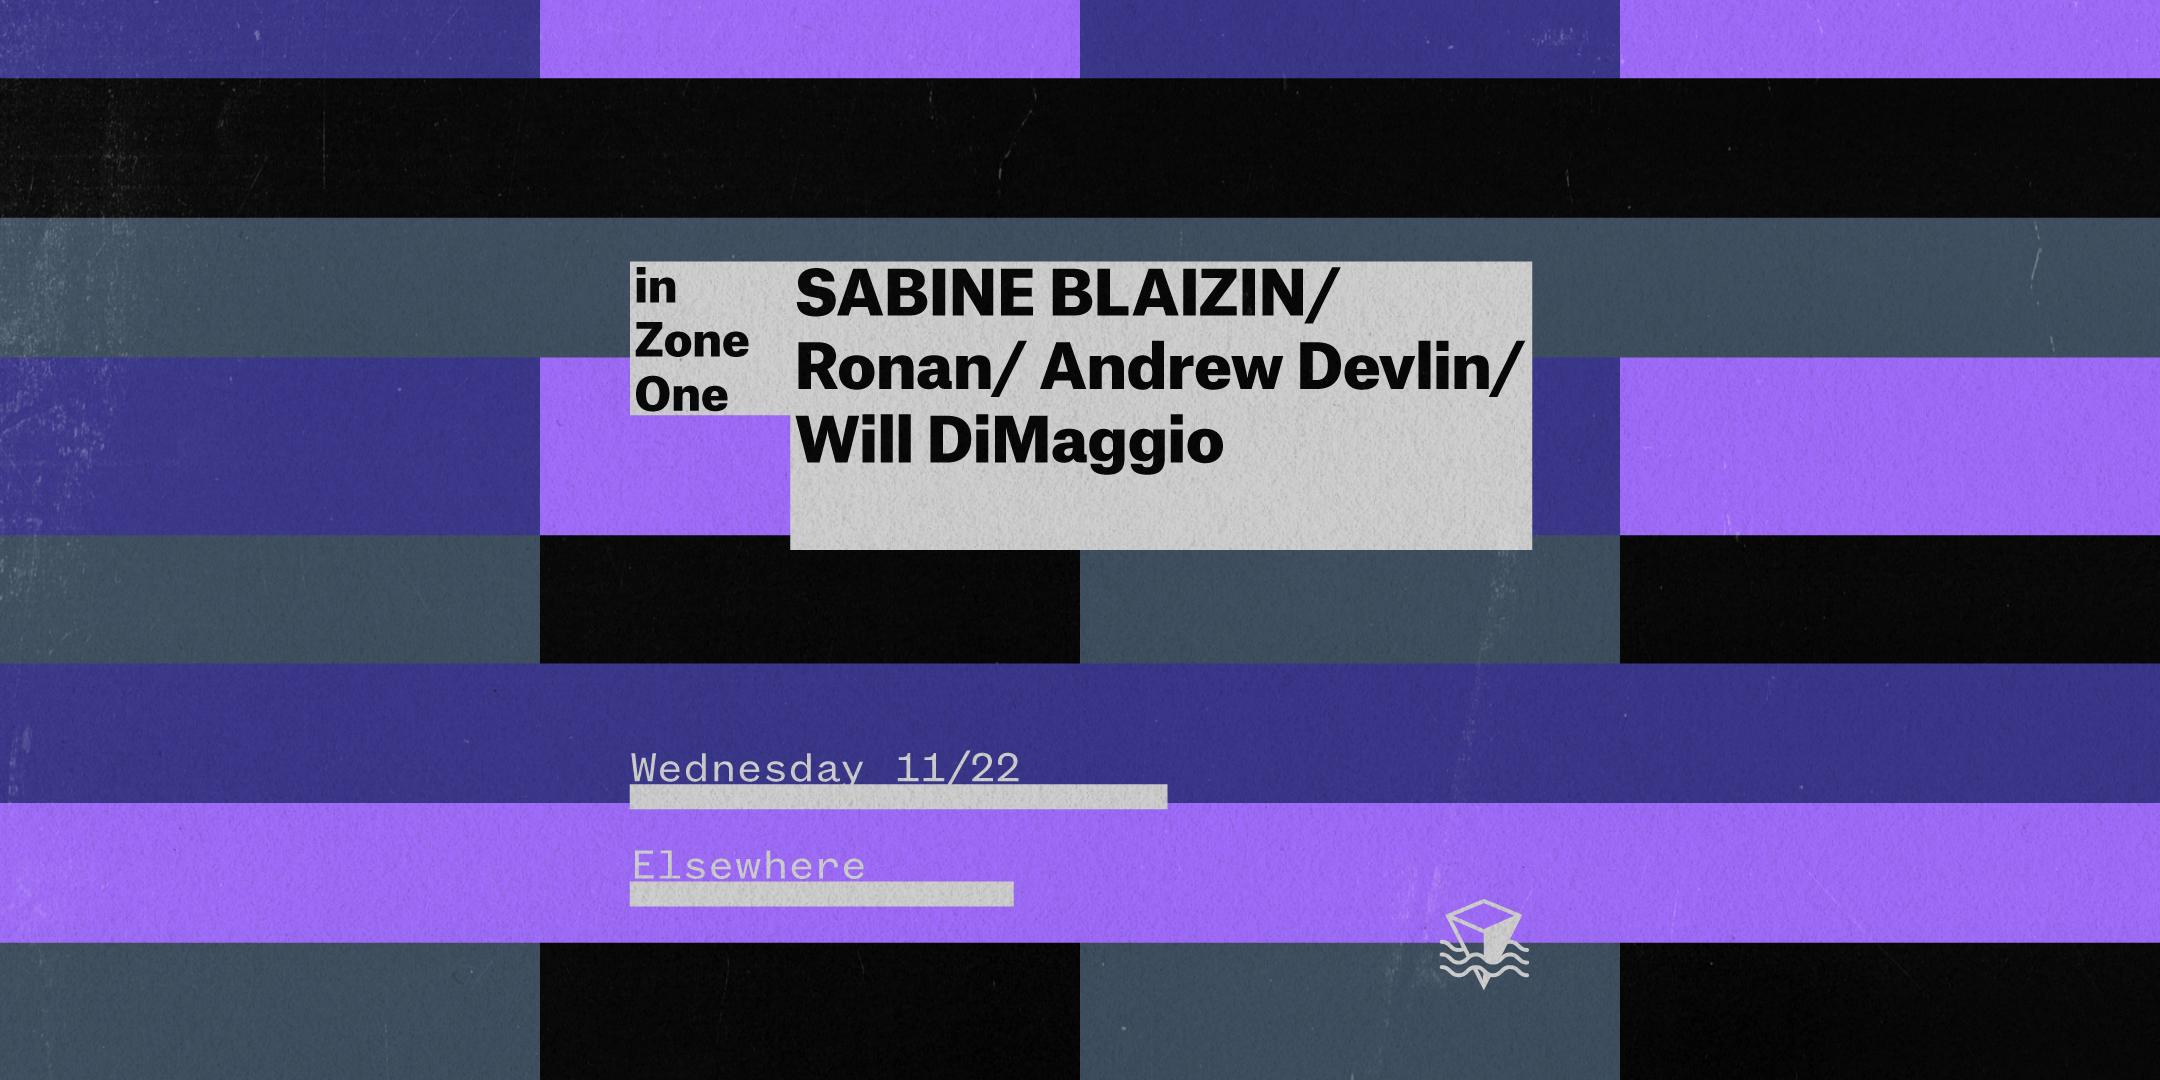 Sabine Blaizin